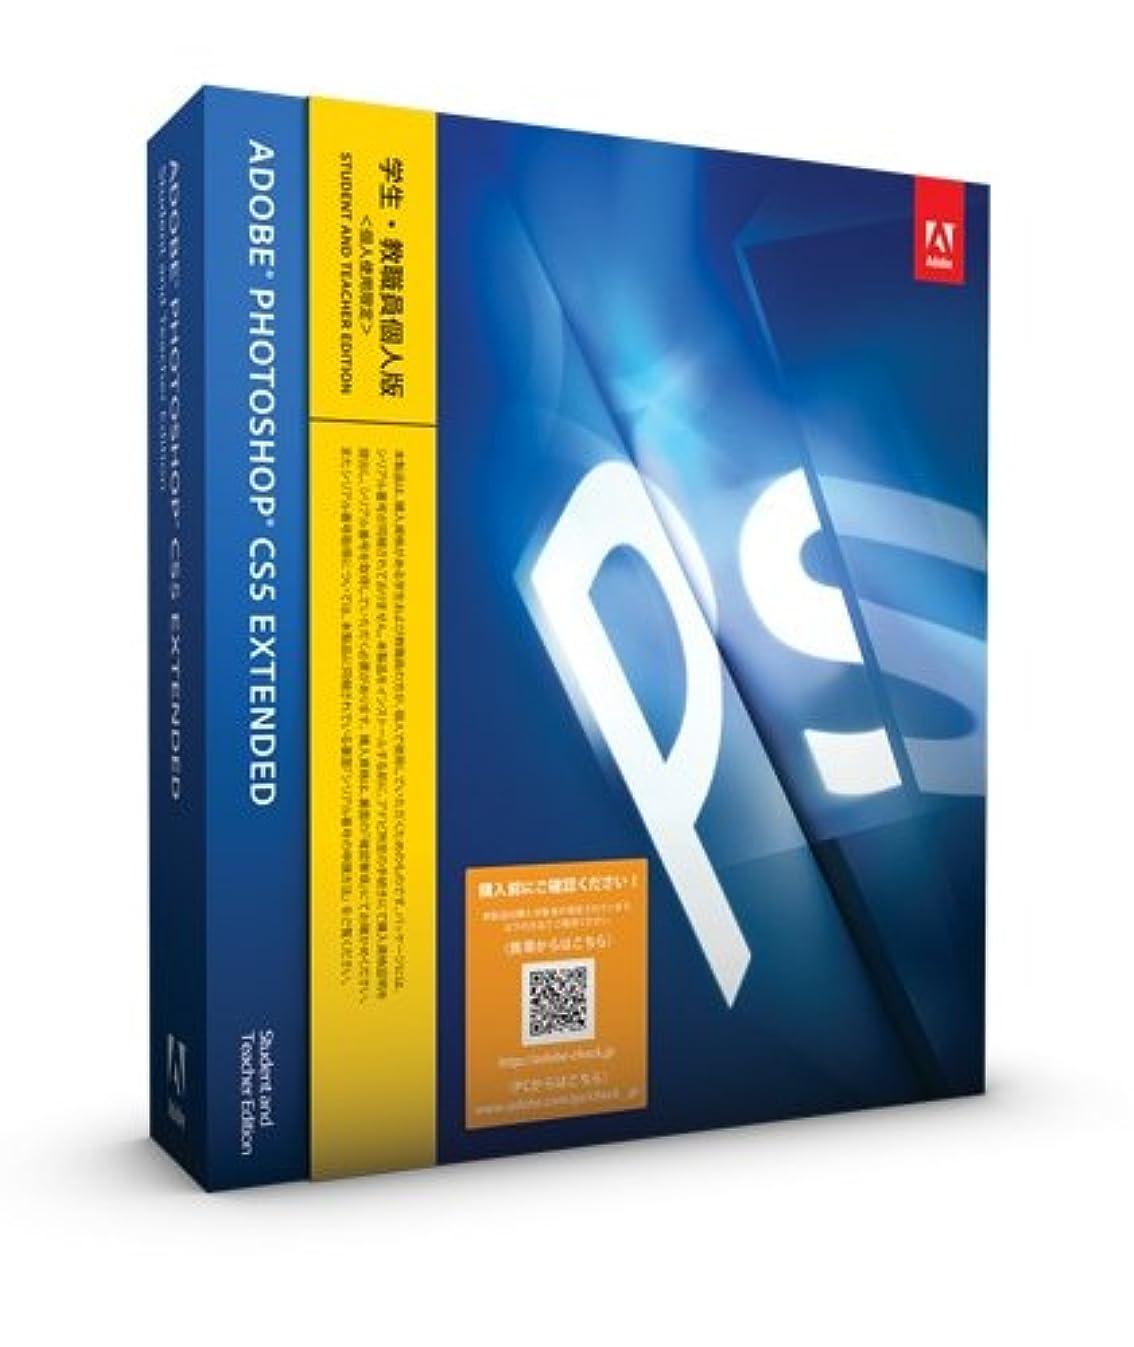 絞る介入するショッキング学生?教職員個人版 Adobe Photoshop CS5 Extended Windows版 (32/64bit) (要シリアル番号申請) (旧価格品)